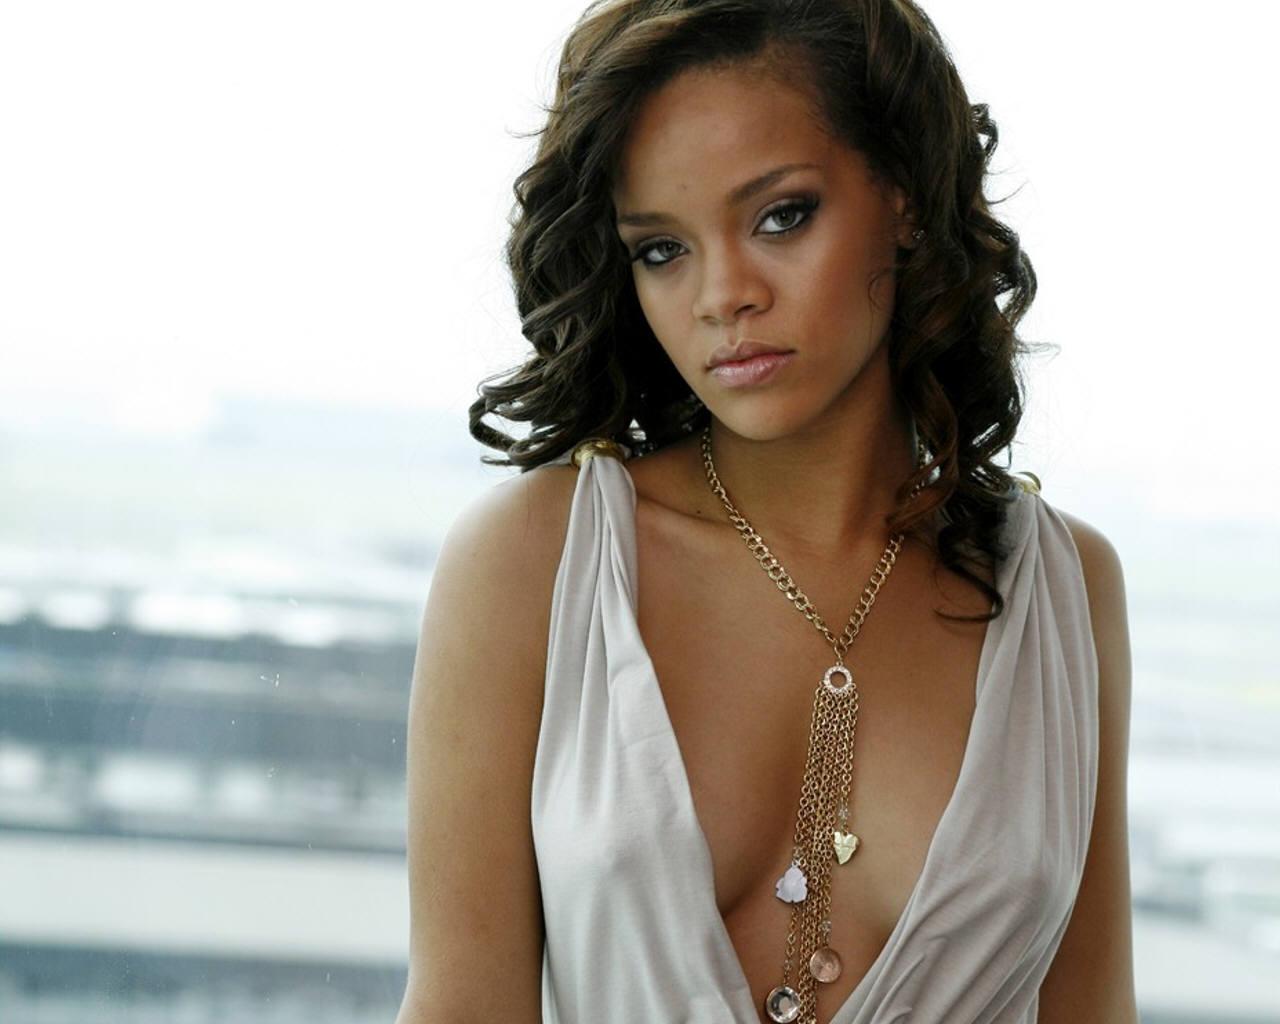 Rihanna: Celebrity Fair: May 2012